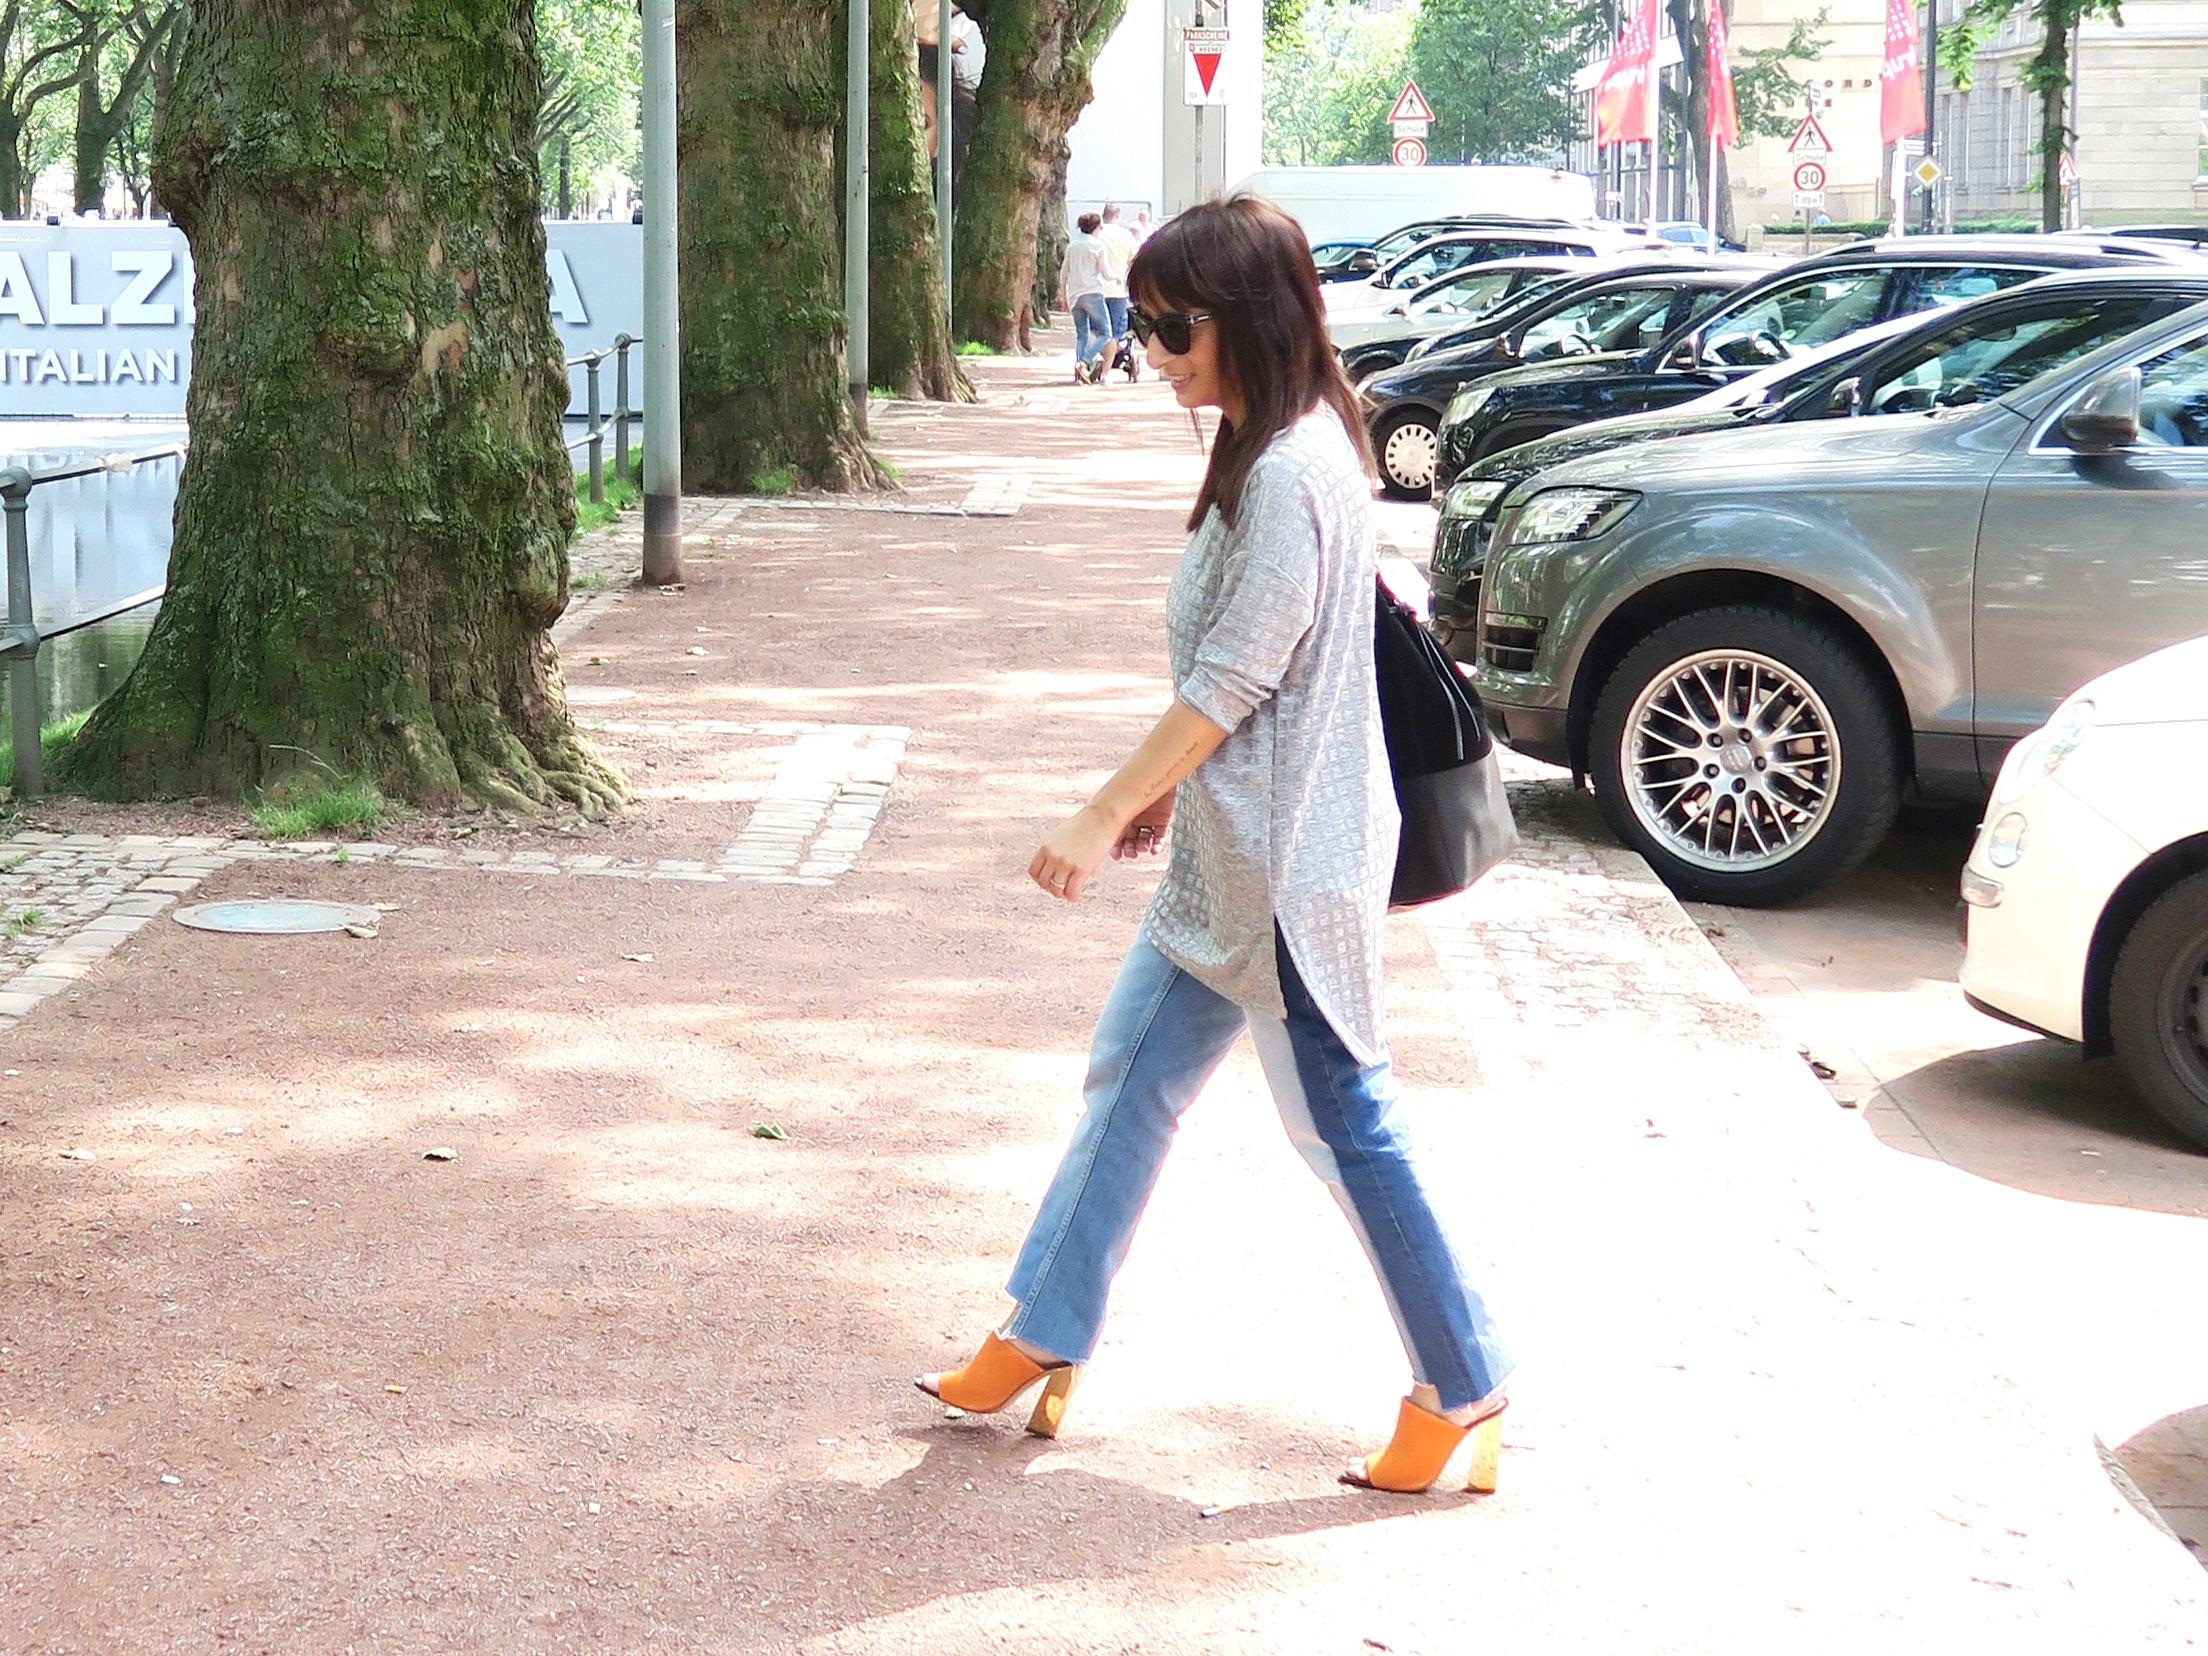 Streetstyle-düsseldorf-paris-blogger-fashionweek-mode-style-mules-trend-modesalat-6